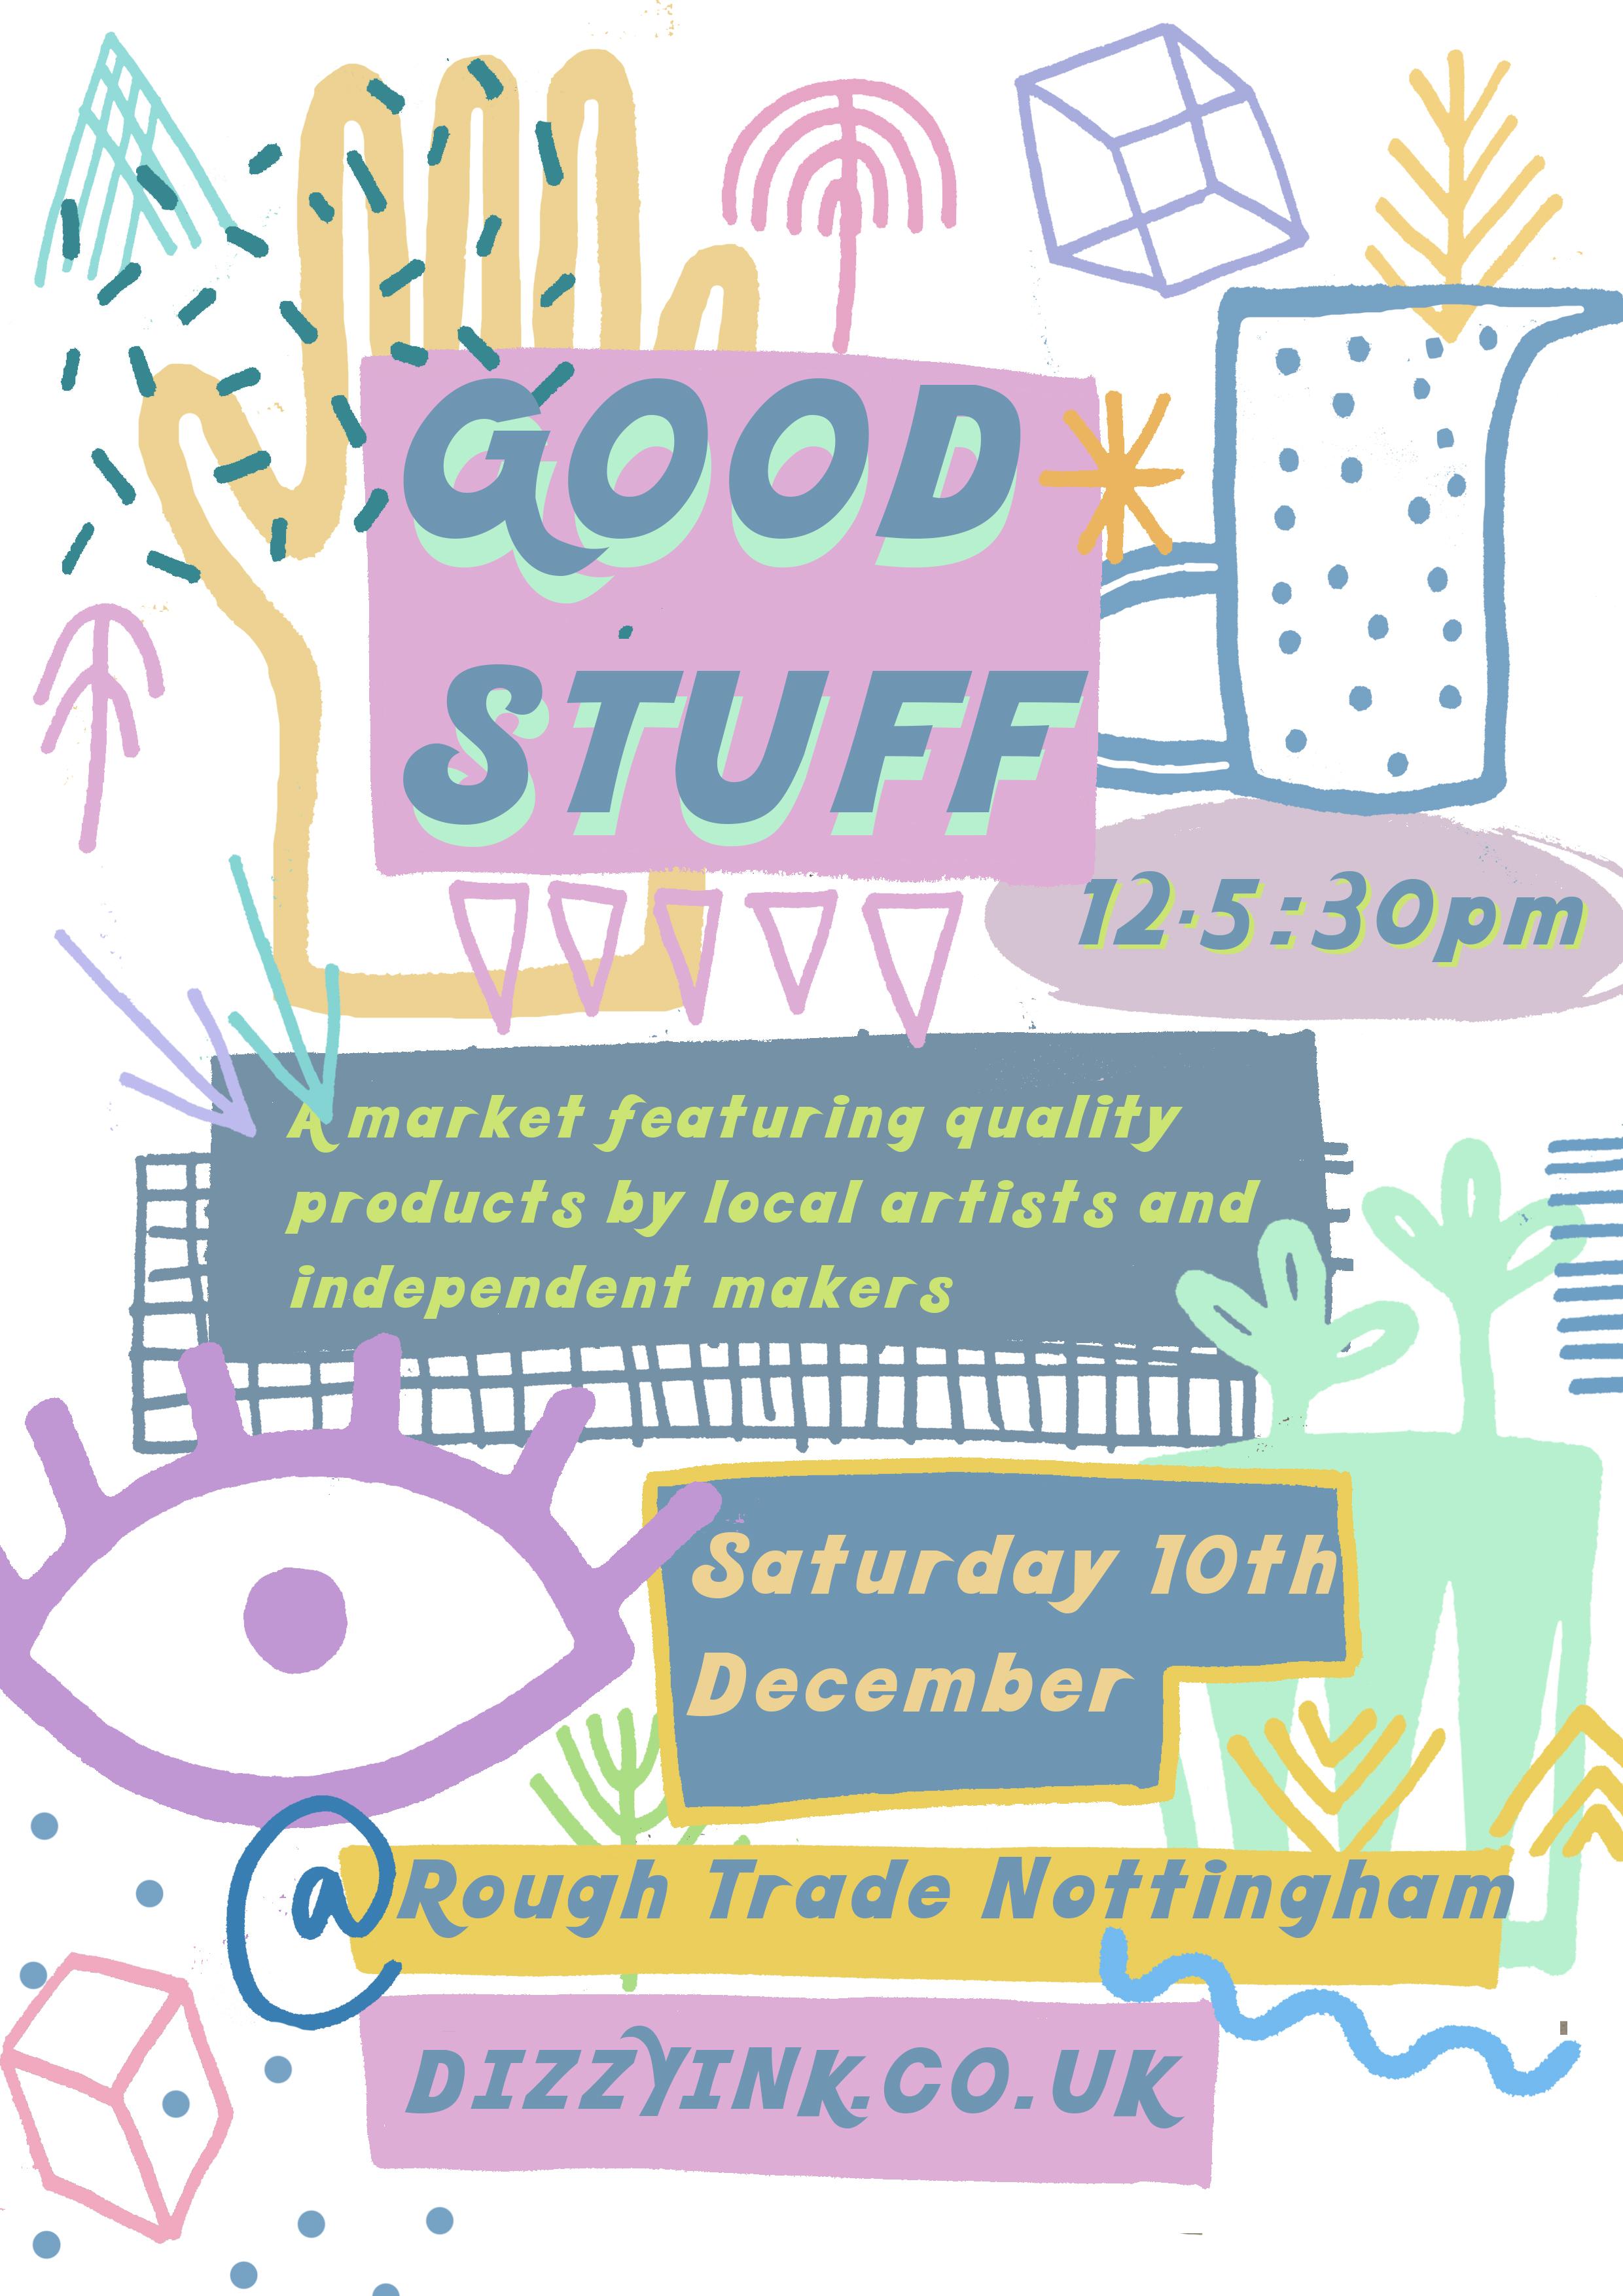 Lane exhibit at Good Stuff Market at Rough Trade Nottingham